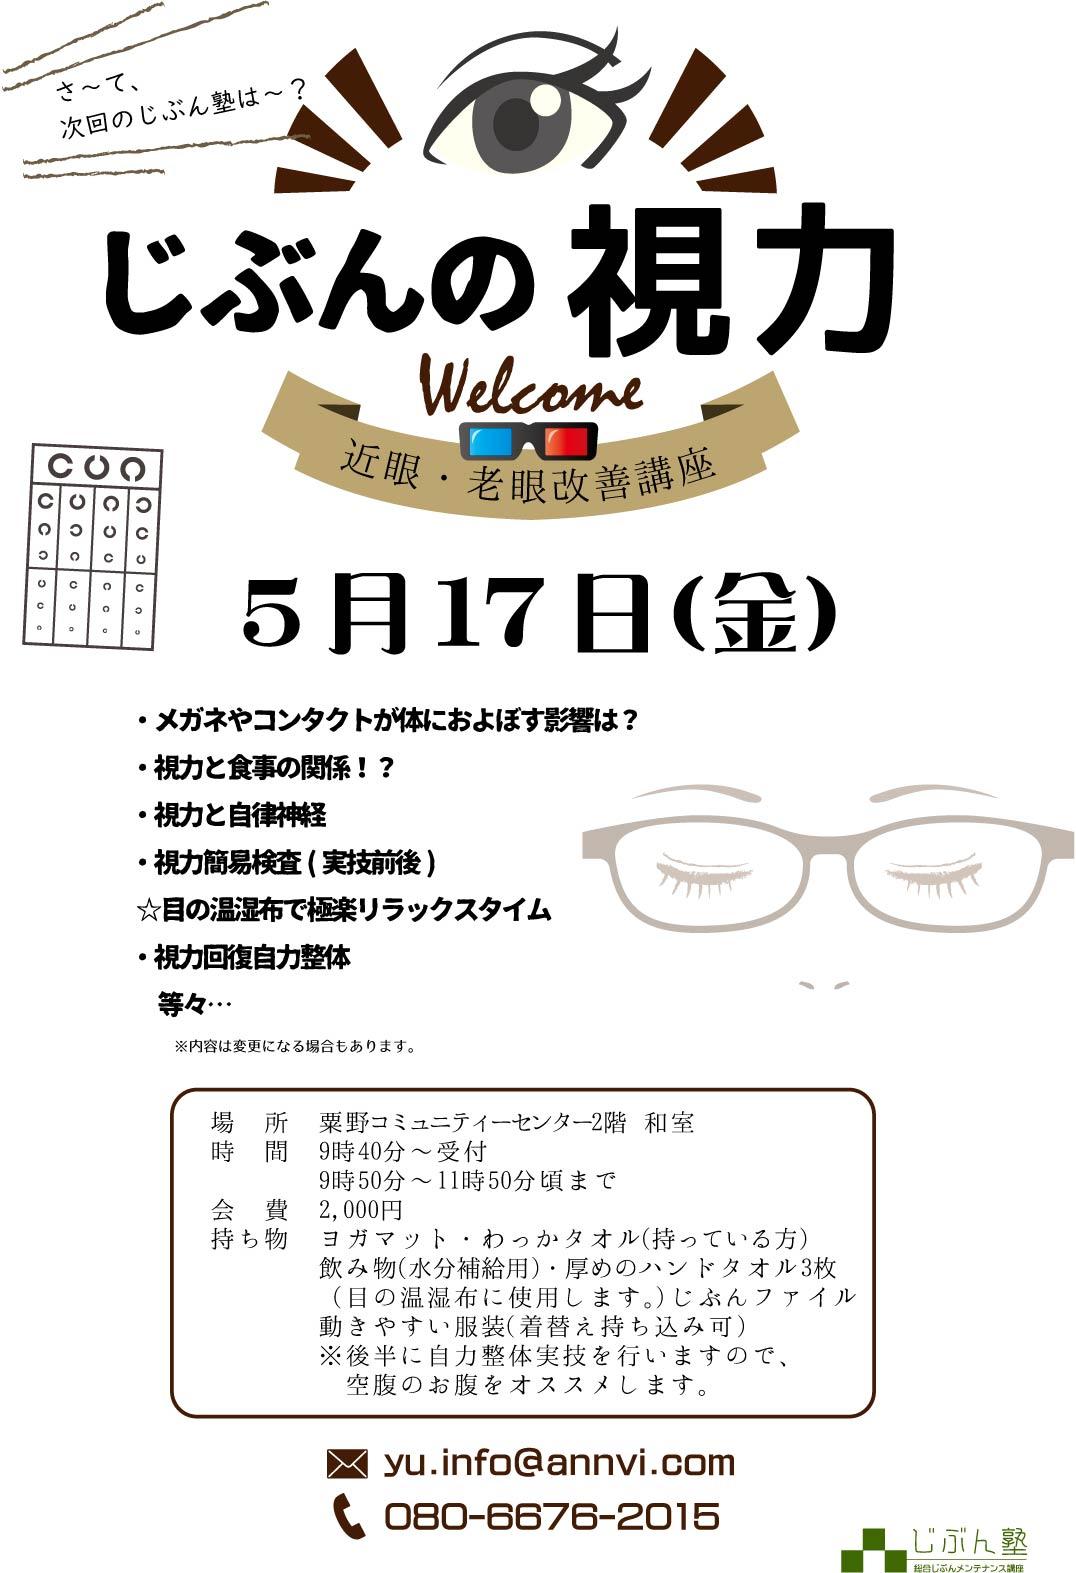 視力改善講座のご案内【5/17(金)9時50分~じぶん塾】